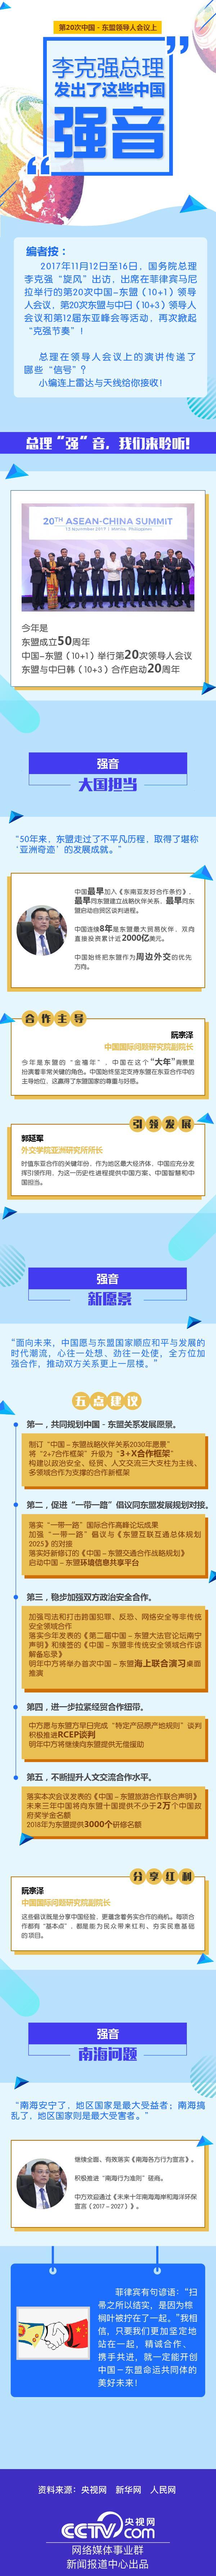 【一图解读】第20次中国-东盟领导人会议上 李克强总理发出了这些中国强音